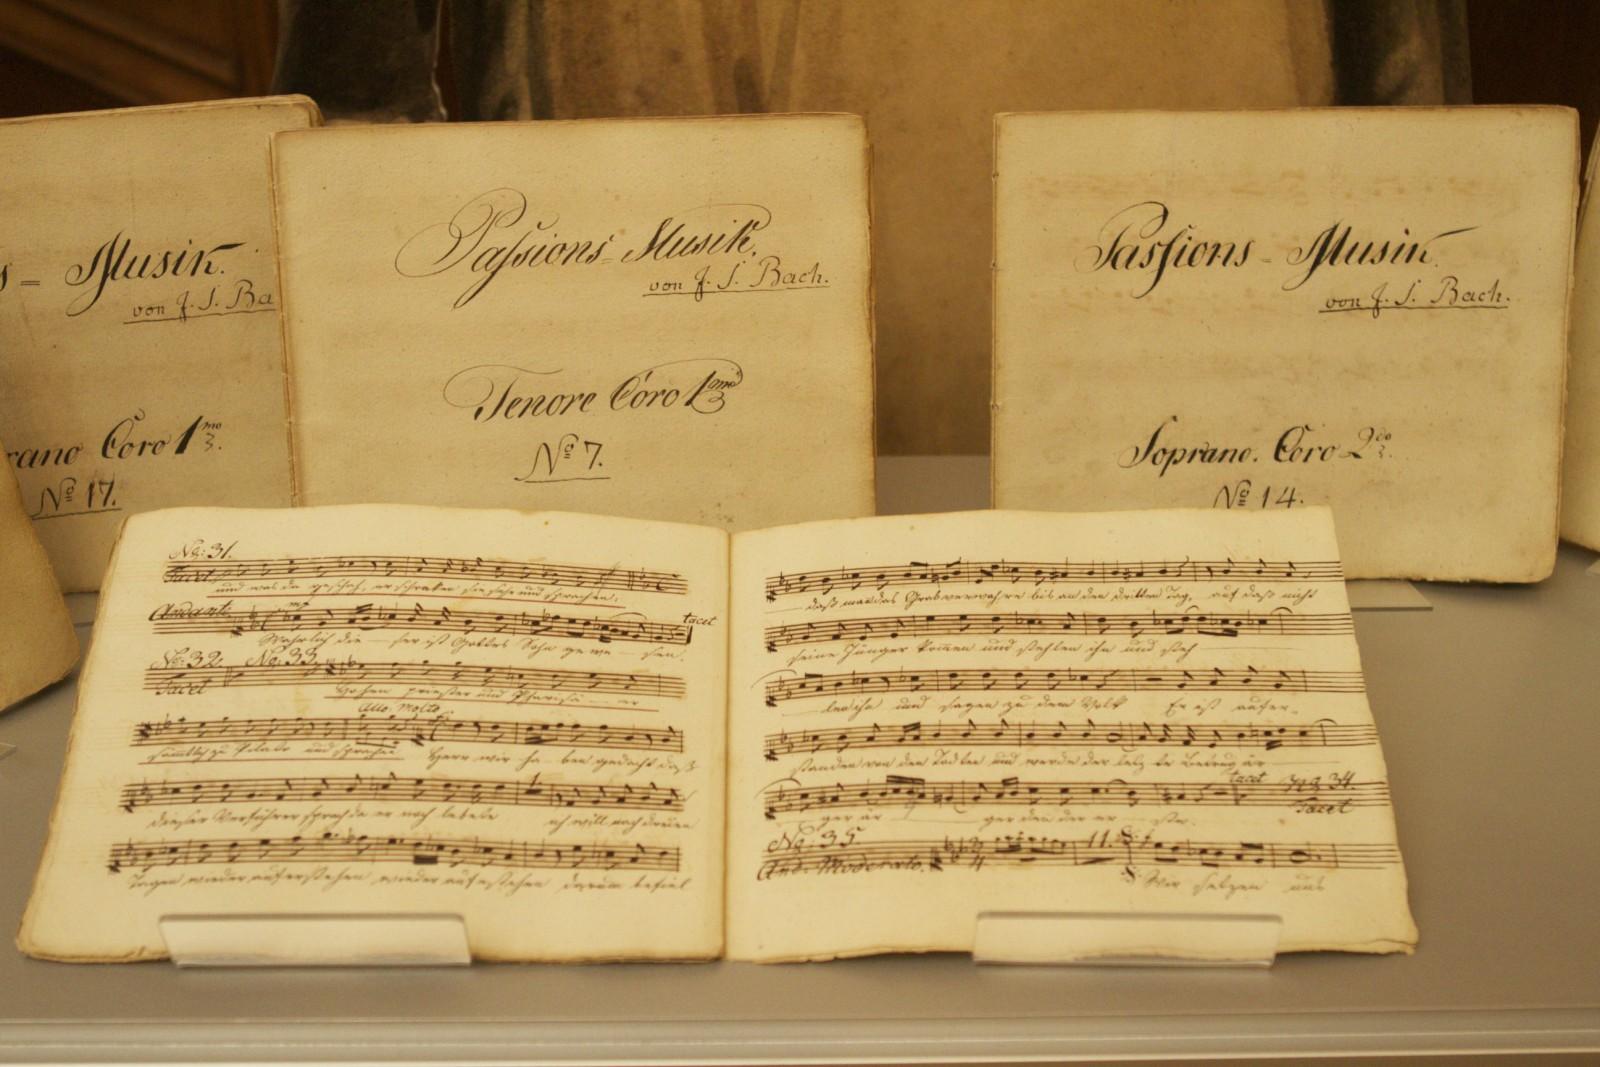 Original Librettos of Bach's Passion Arias